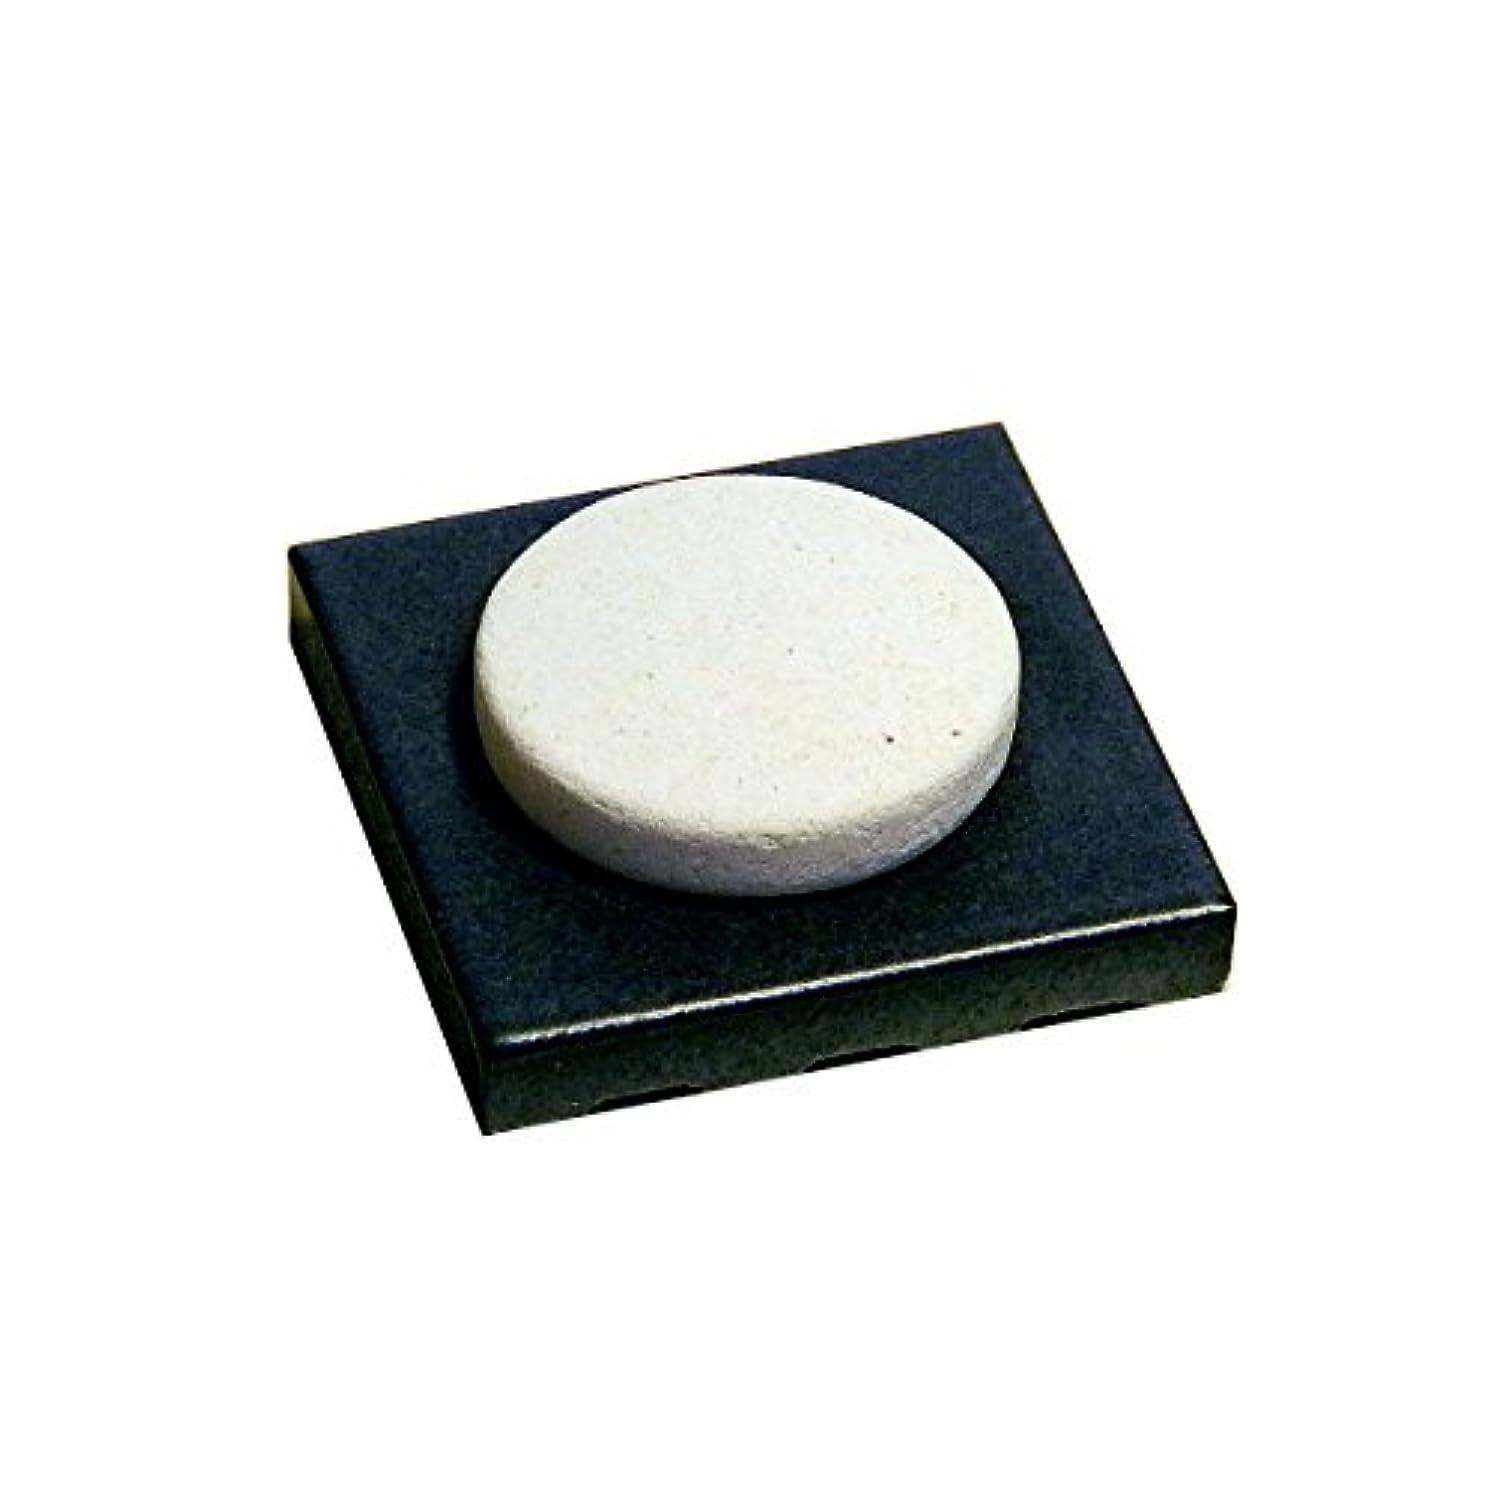 予言する本質的にフォーラム〔立風屋〕珪藻土アロマプレート美濃焼タイルセット ブラック(黒) RPAP-01003-BK